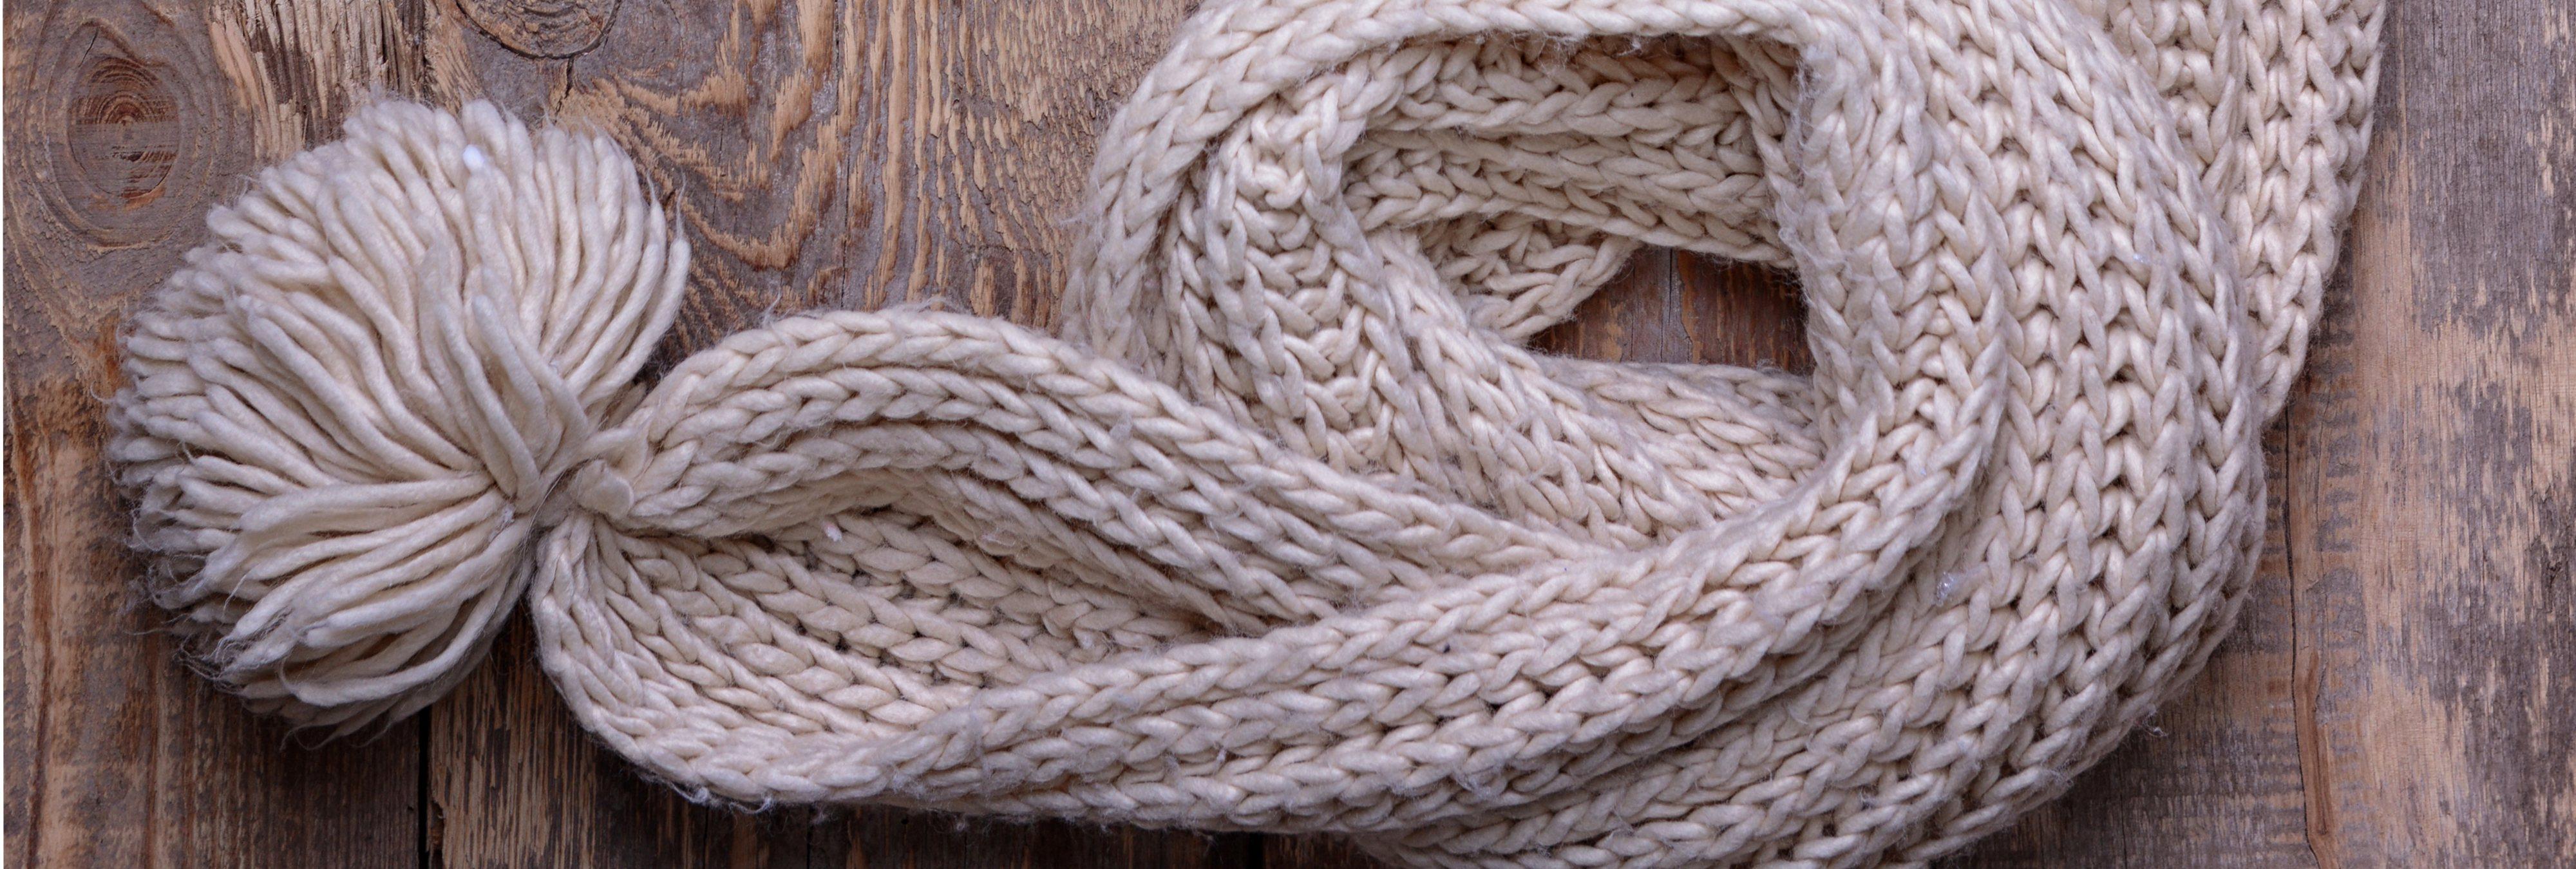 La 'bufanda vaginal' que está causando furor en las redes